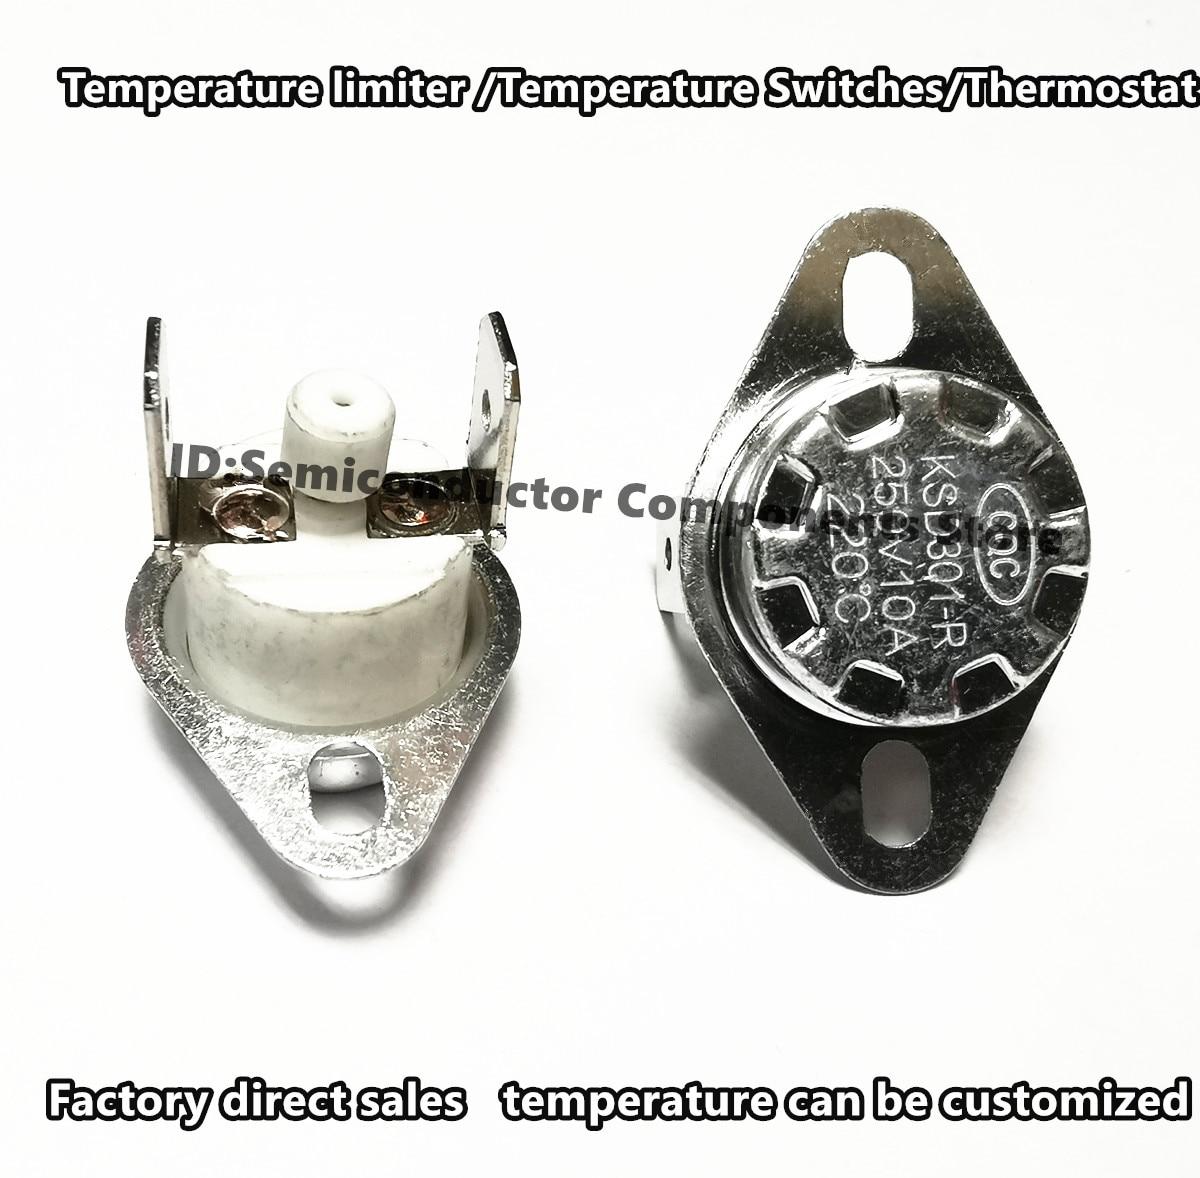 Масляный радиатор для ограничитель температуры KSD301-R-G 250V 16A 150C 160 градусов KSD302 возврат вручную переключатель регулирования температуры